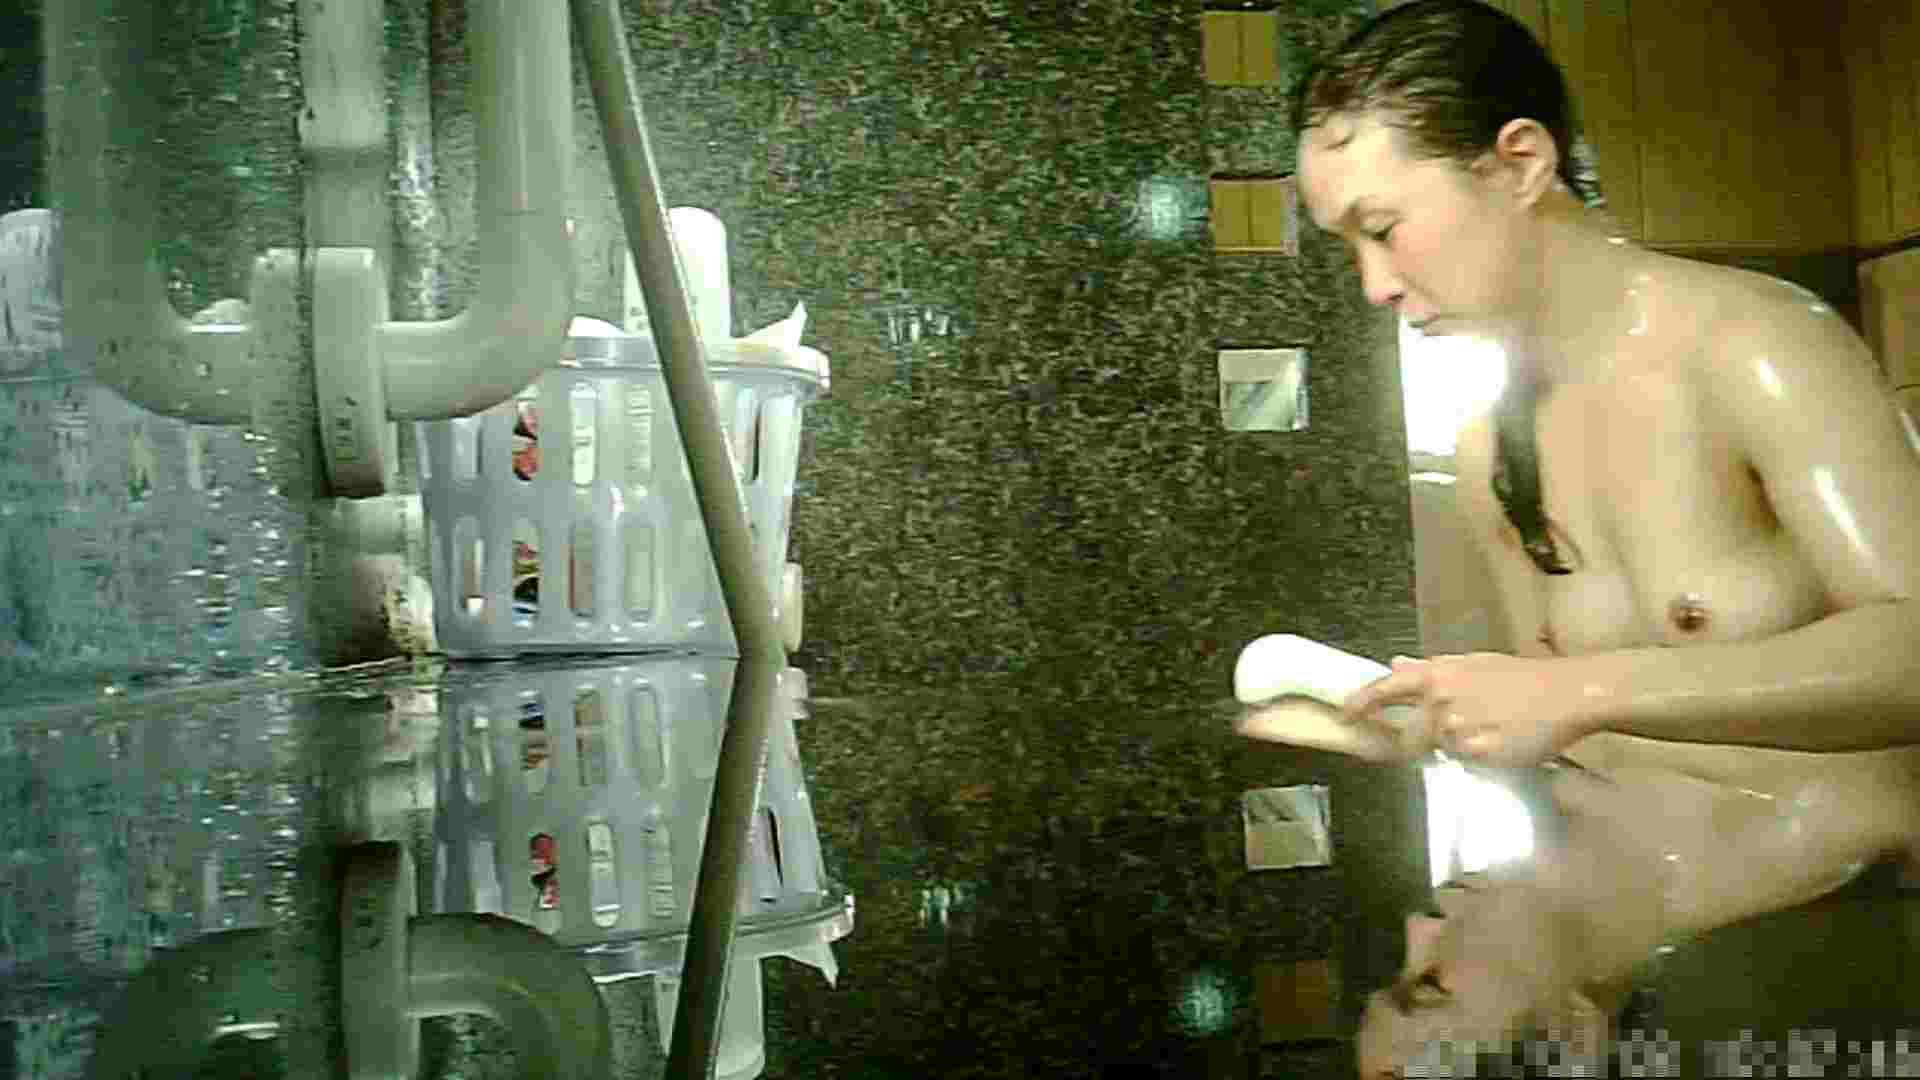 盗撮おまんこ Vol.6 洗い場!おkaさん、まだまだイイ体だと思いますよ 怪盗ジョーカー